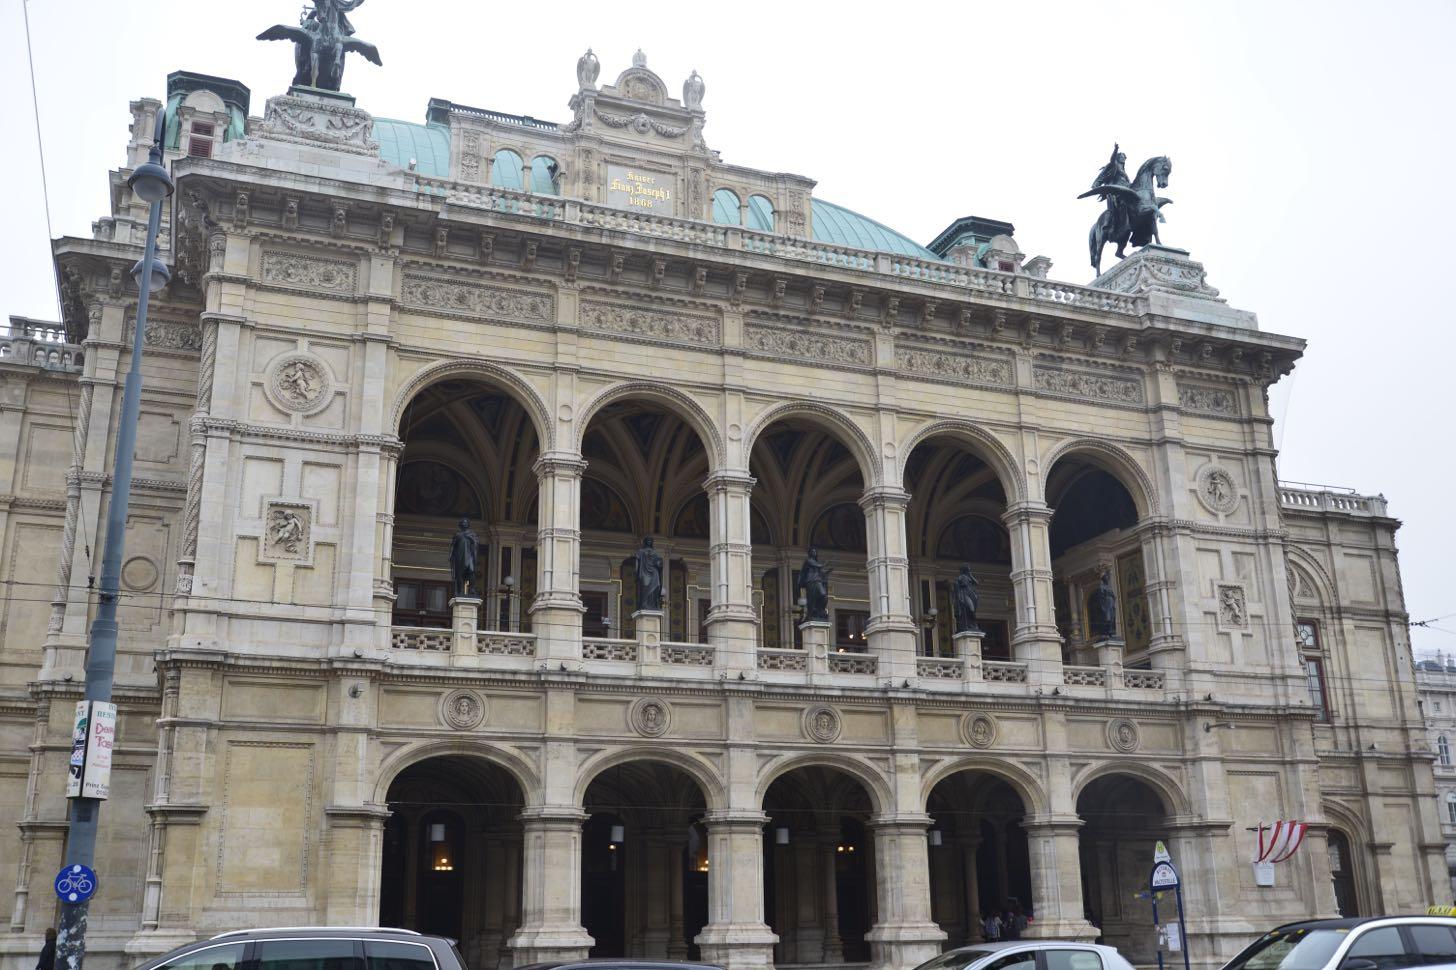 【海外】仕事も遊びもウイーン・ウイーンシチュエーション:オペラ座でオペラを見たんですが…